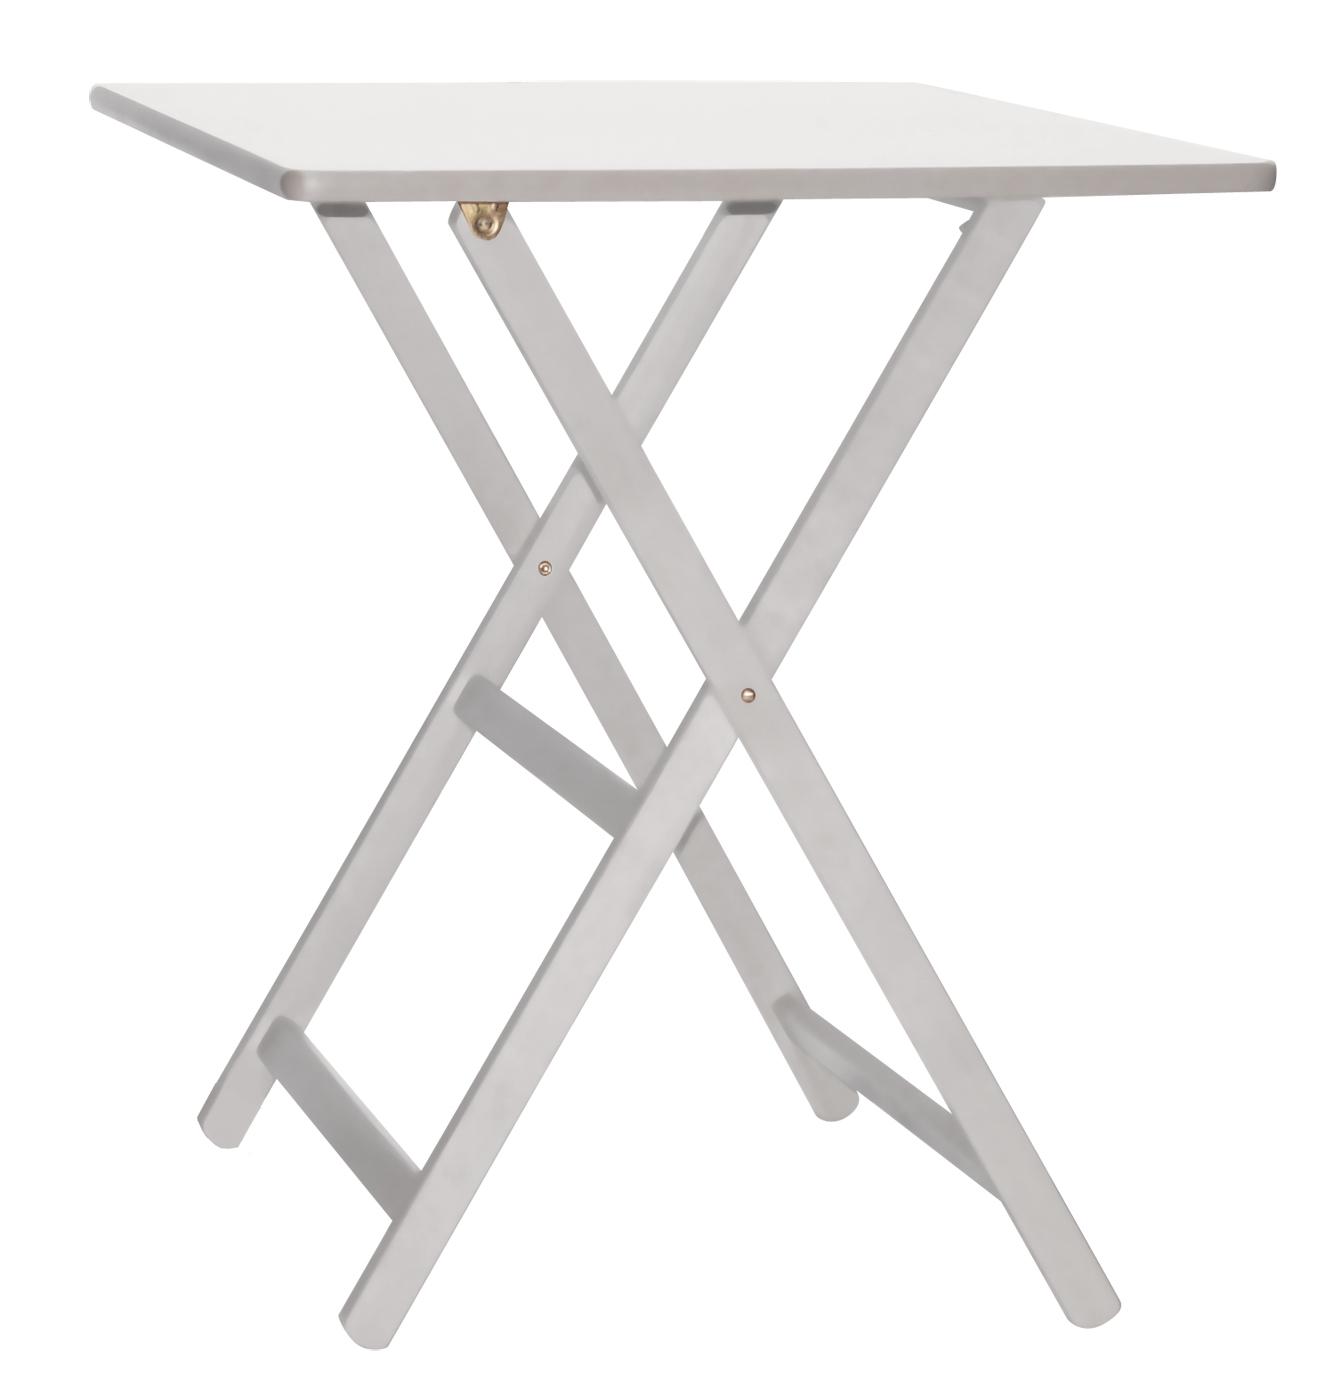 Tavolino Per Balcone Ikea tavolo pieghevole ikea - tutte le offerte : cascare a fagiolo